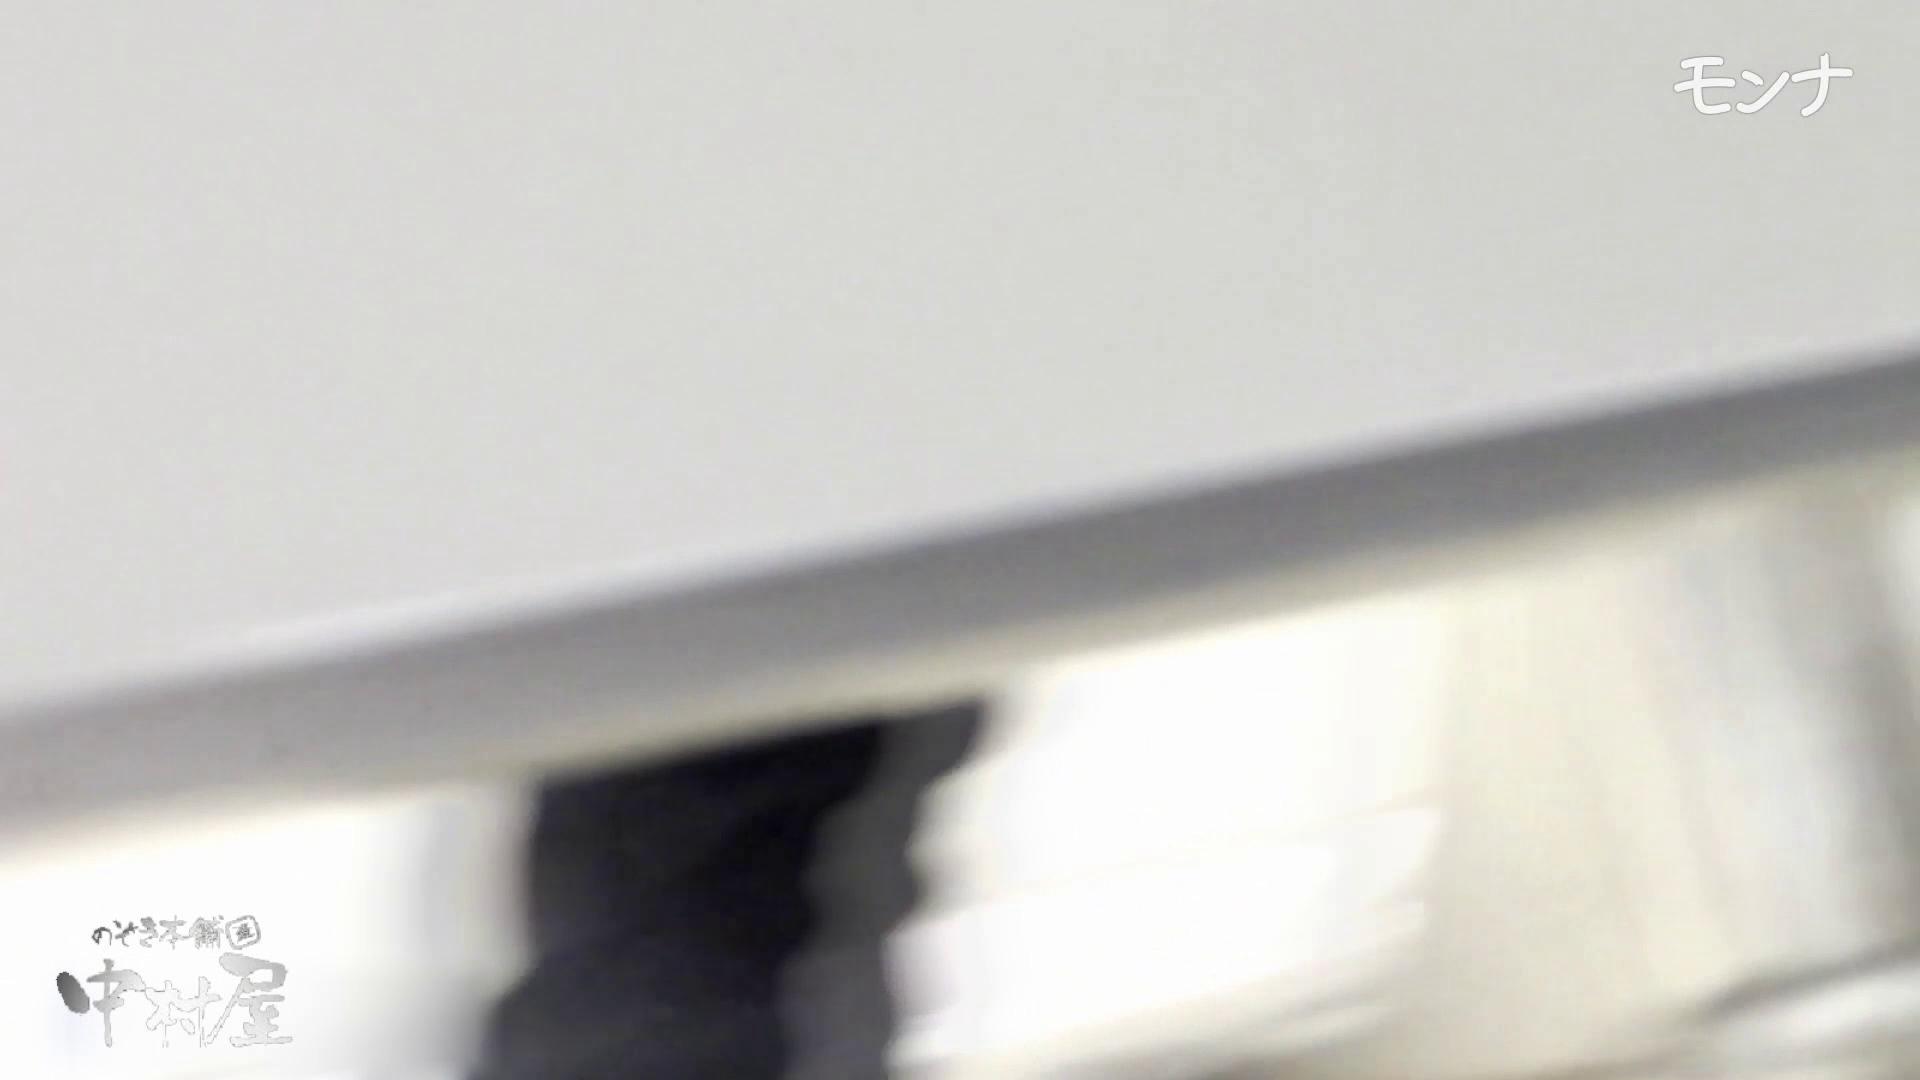 美しい日本の未来 No.55 普通の子たちの日常調長身あり マンコ・ムレムレ 盗撮動画紹介 72pic 48